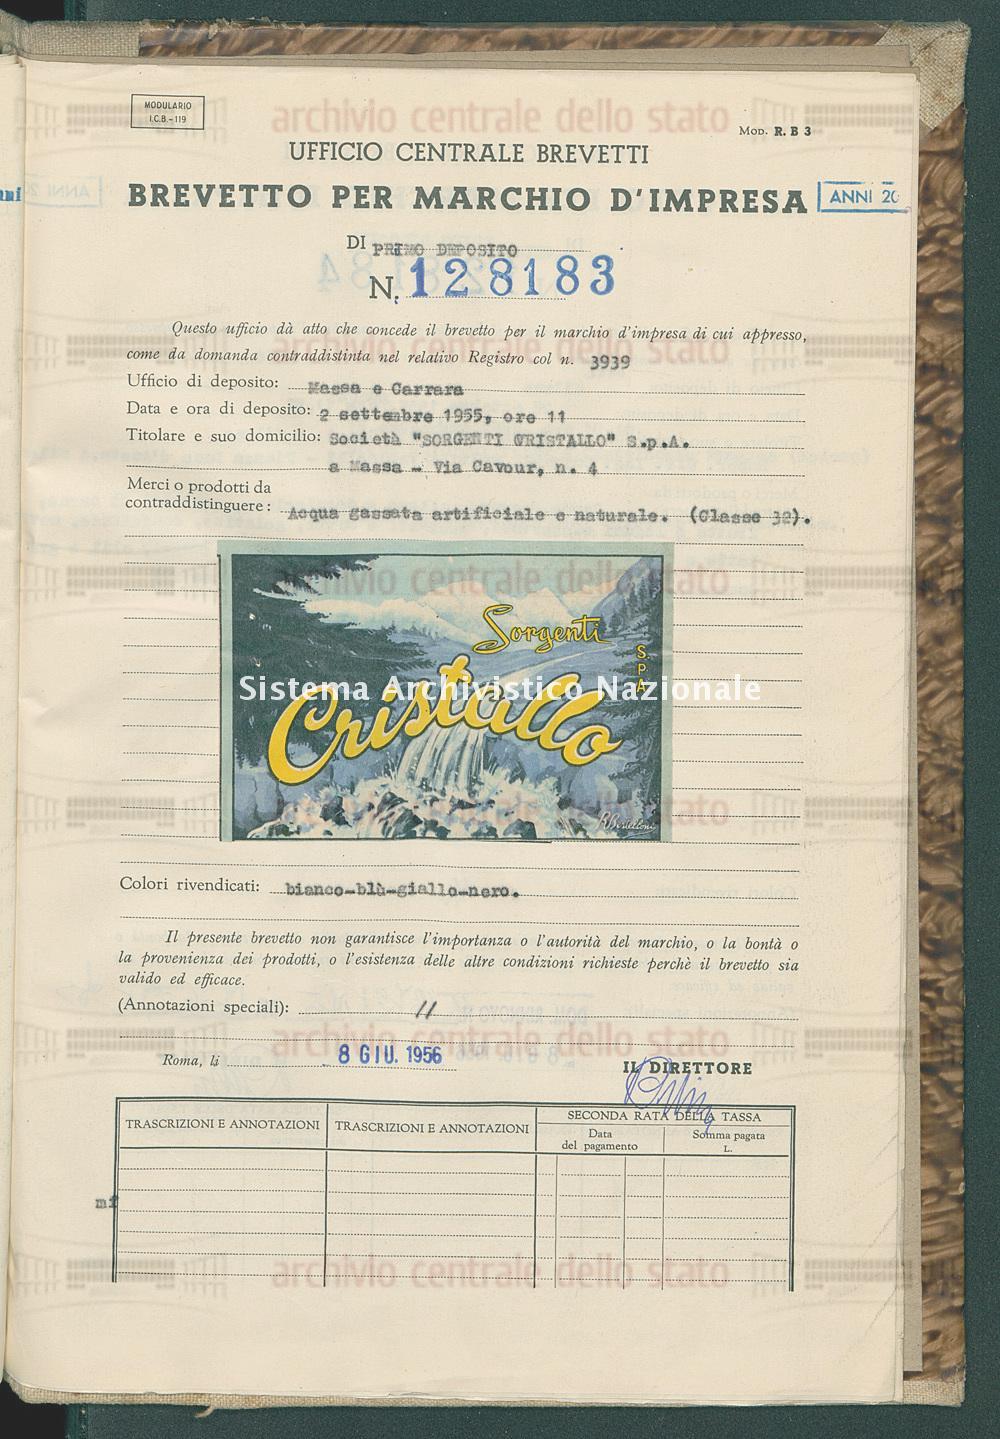 Acqua gassata artificiale ecc. Societa' 'Sorgenti Cristallo' S.P.A. (08/06/1956)